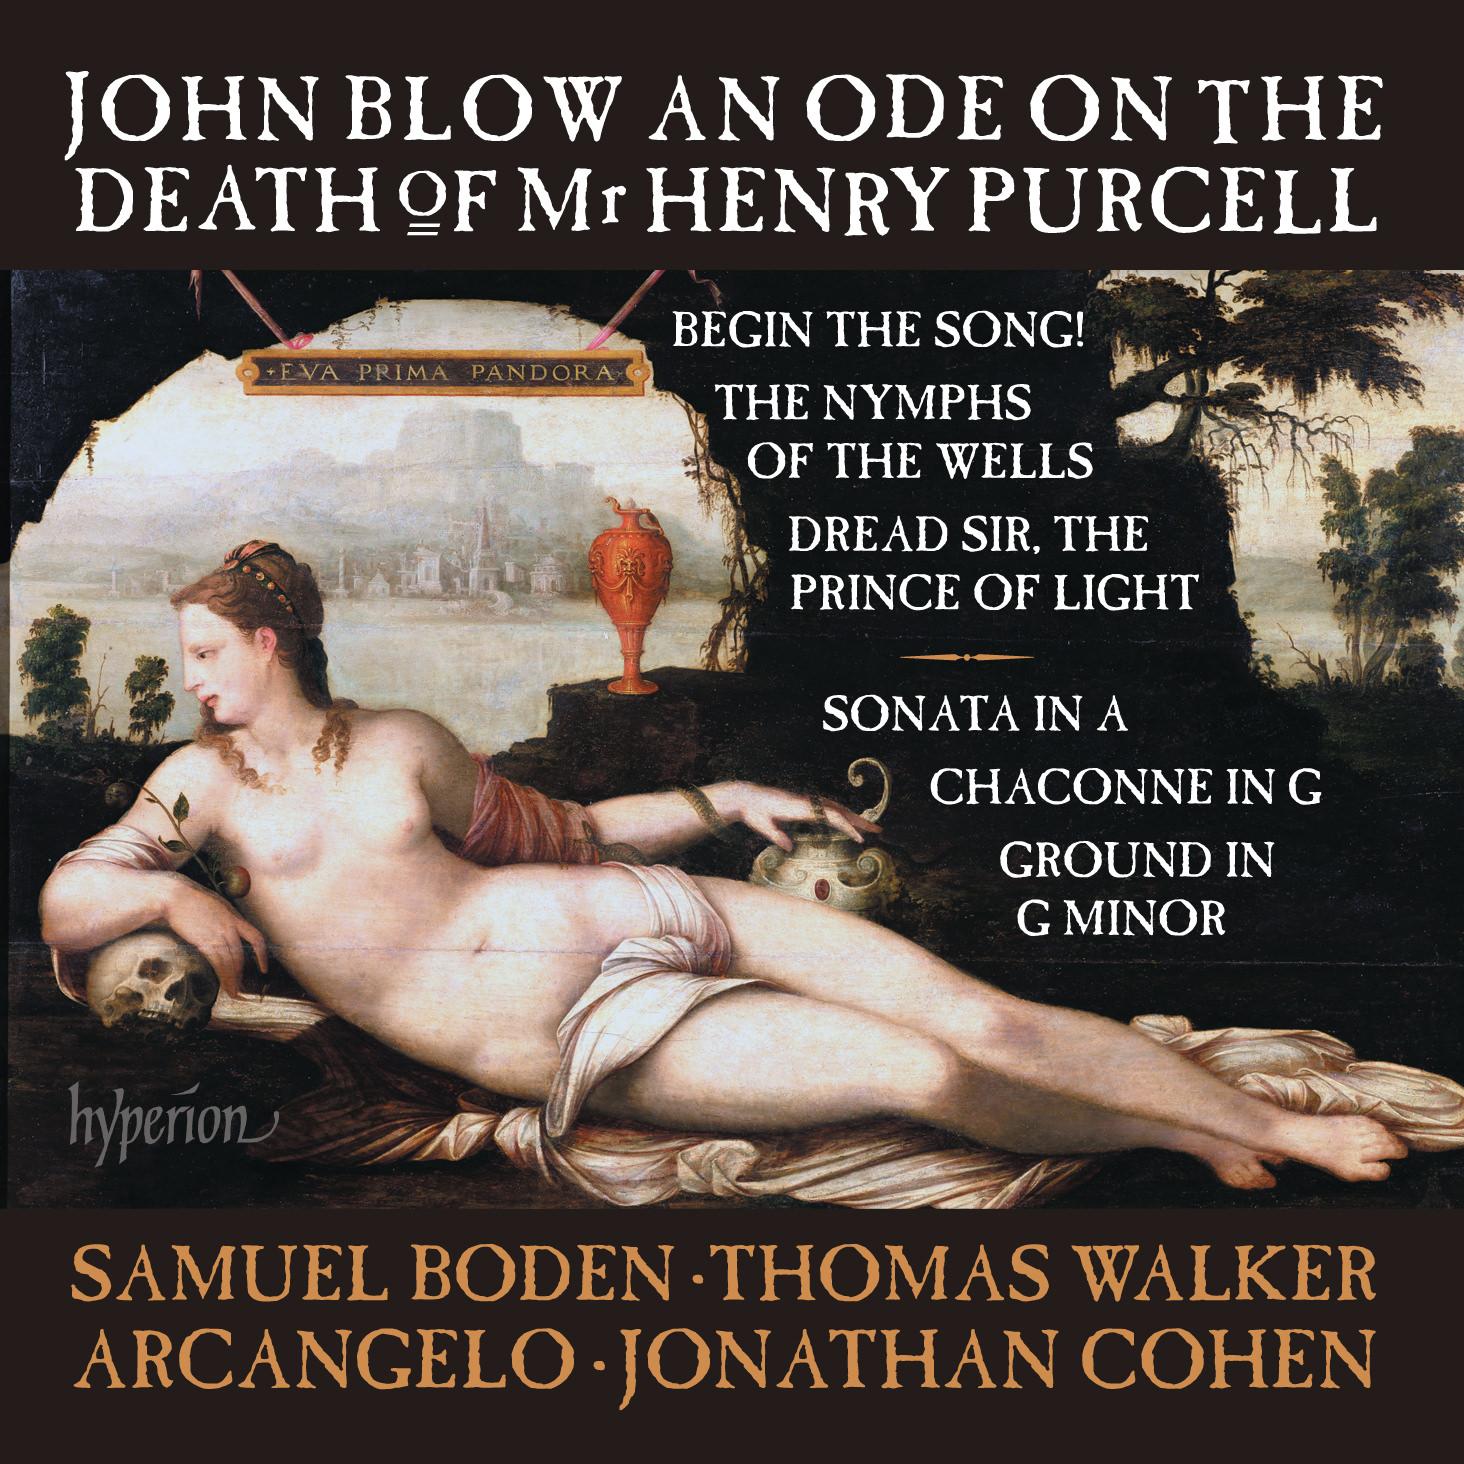 John-Blow-cover-CDA68149.jpg